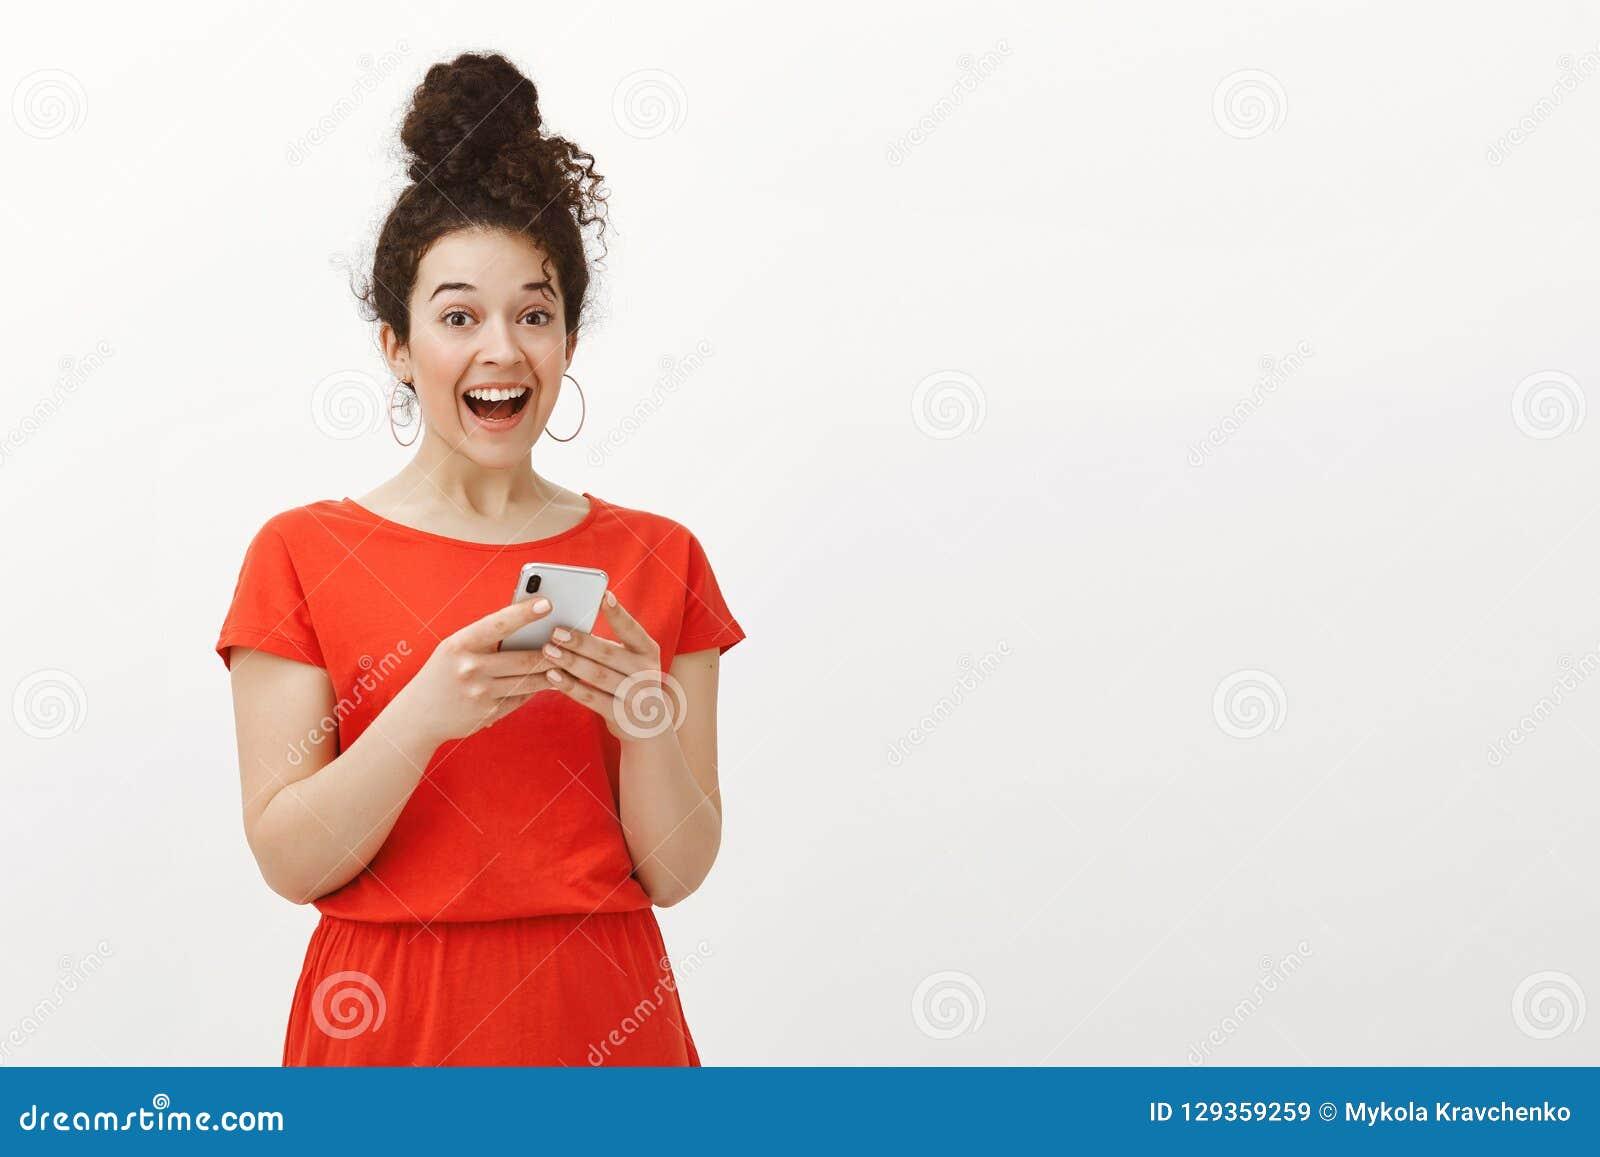 有卷发的在红色礼服,拿着智能手机和大声笑从喜悦的激动的惊奇的愉快的女孩画象